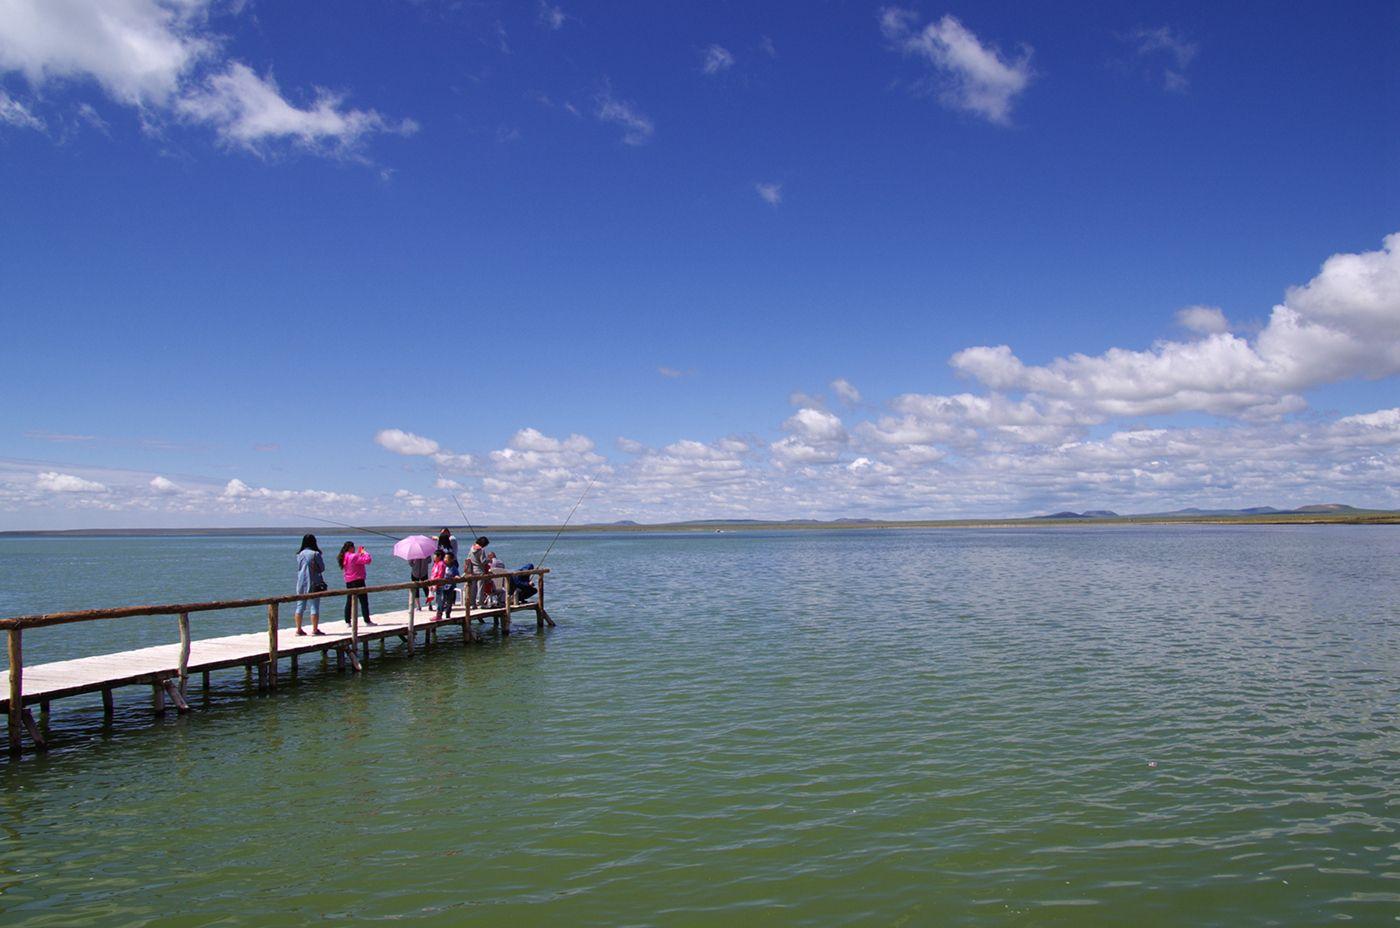 达里湖一日游攻略